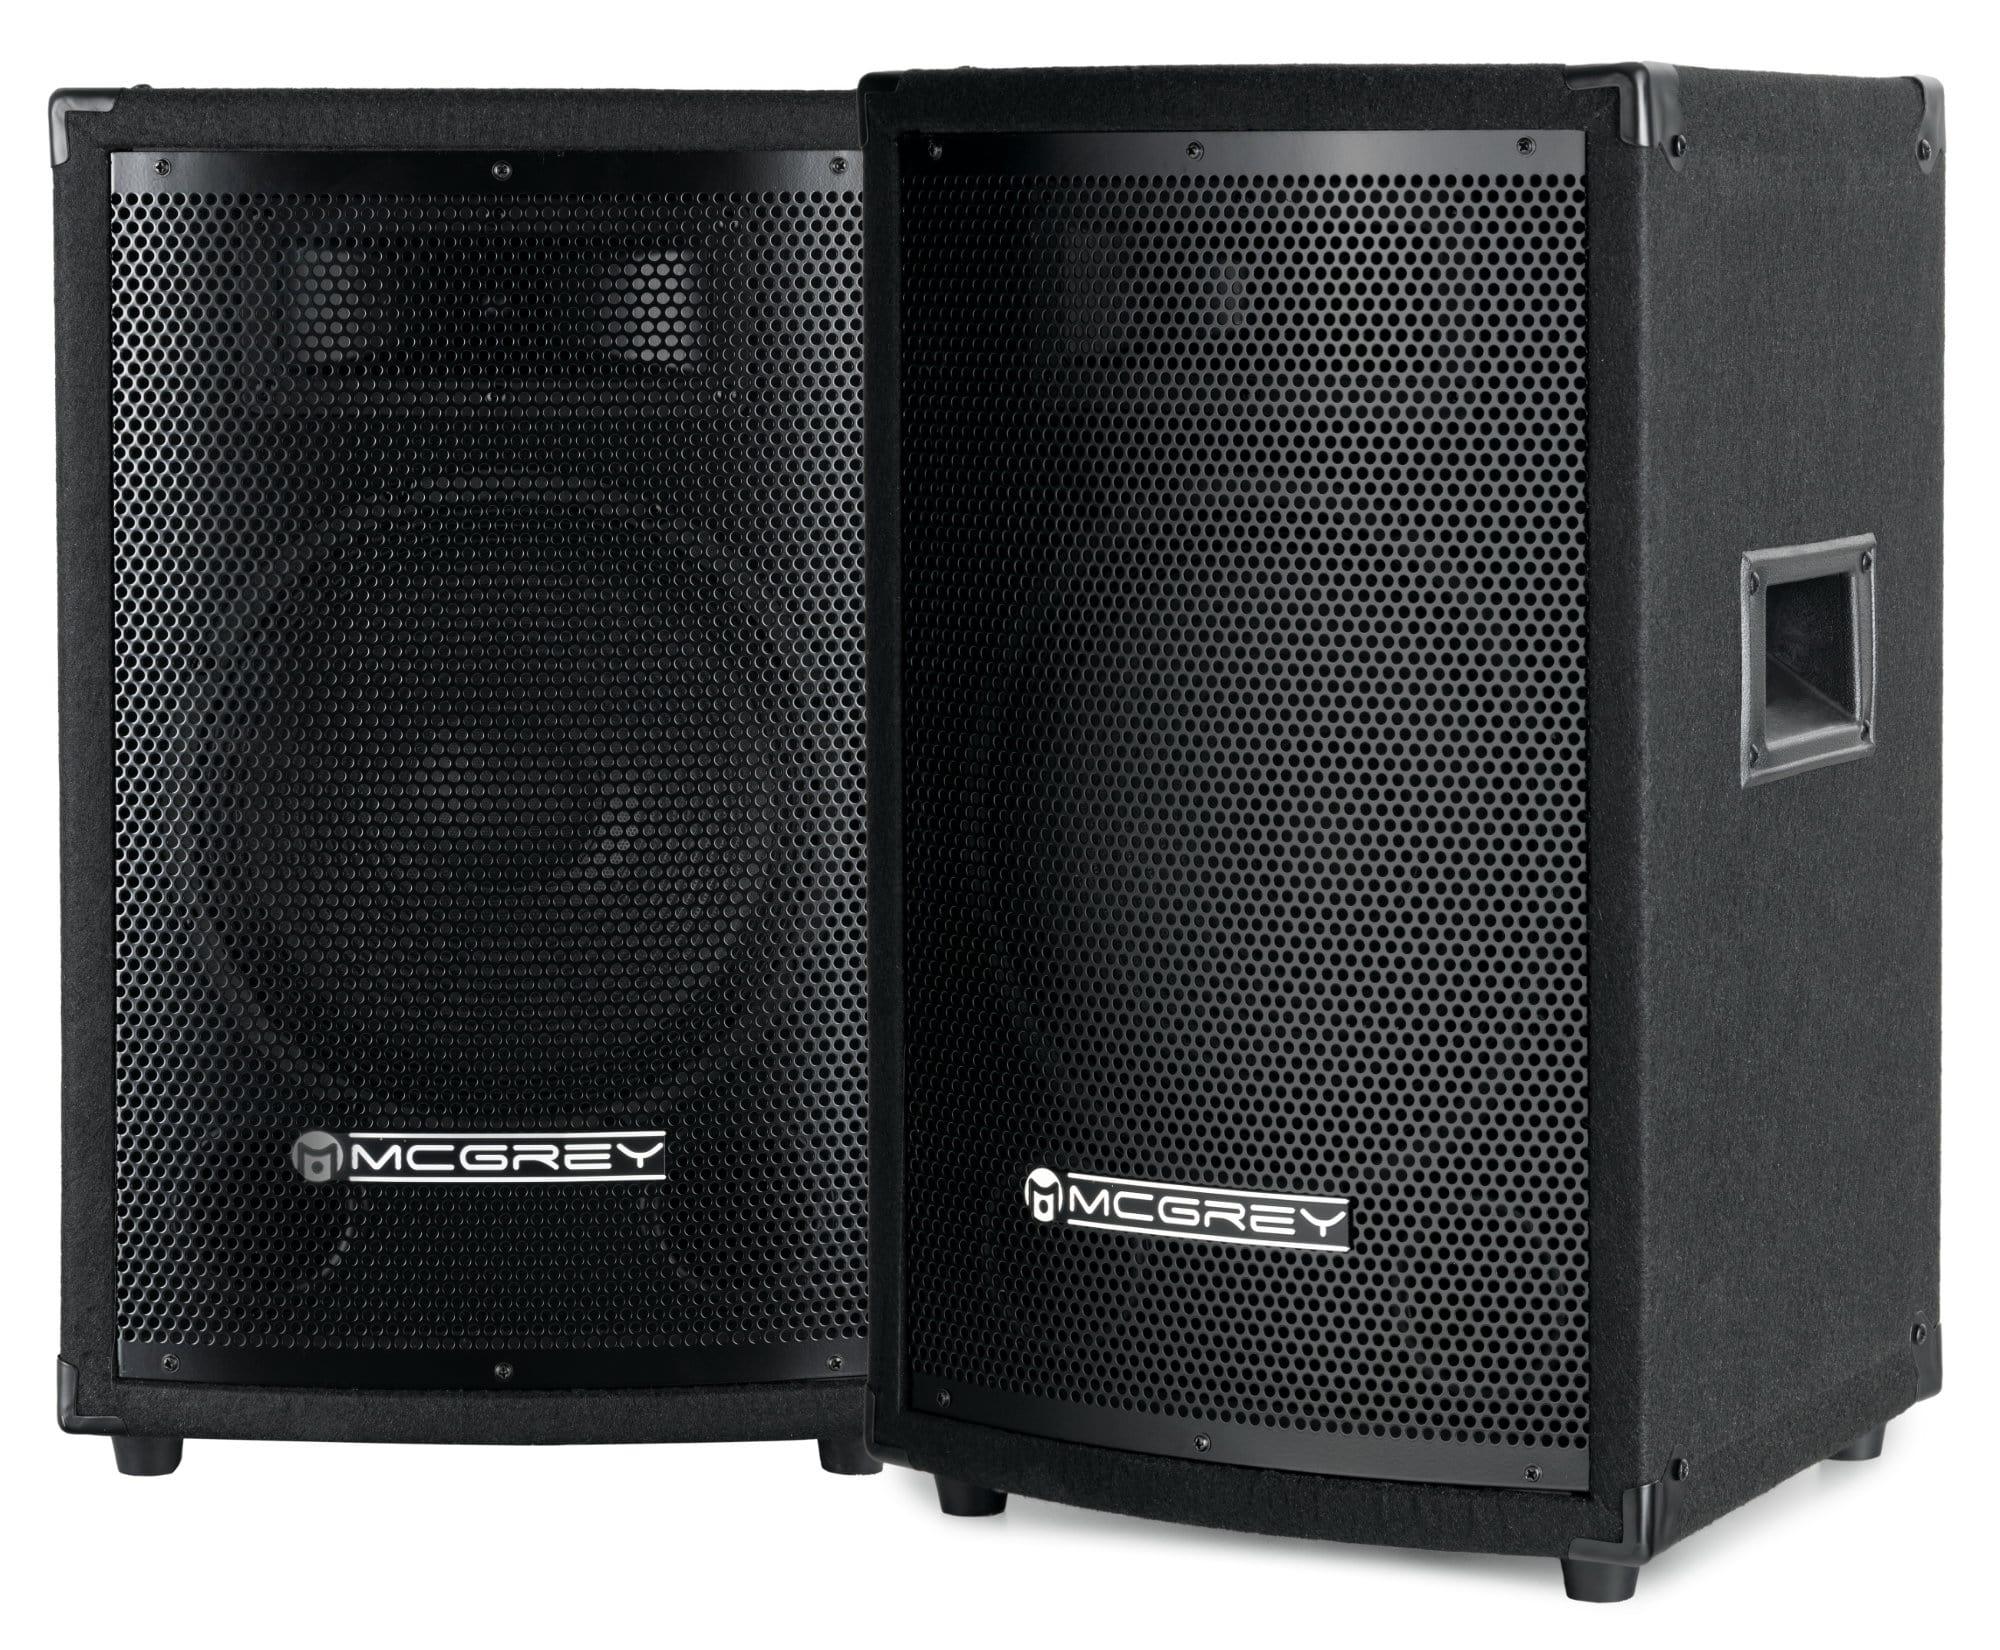 Paboxen - McGrey TP 10 DJ und Partybox Paar 2x 400 W - Onlineshop Musikhaus Kirstein